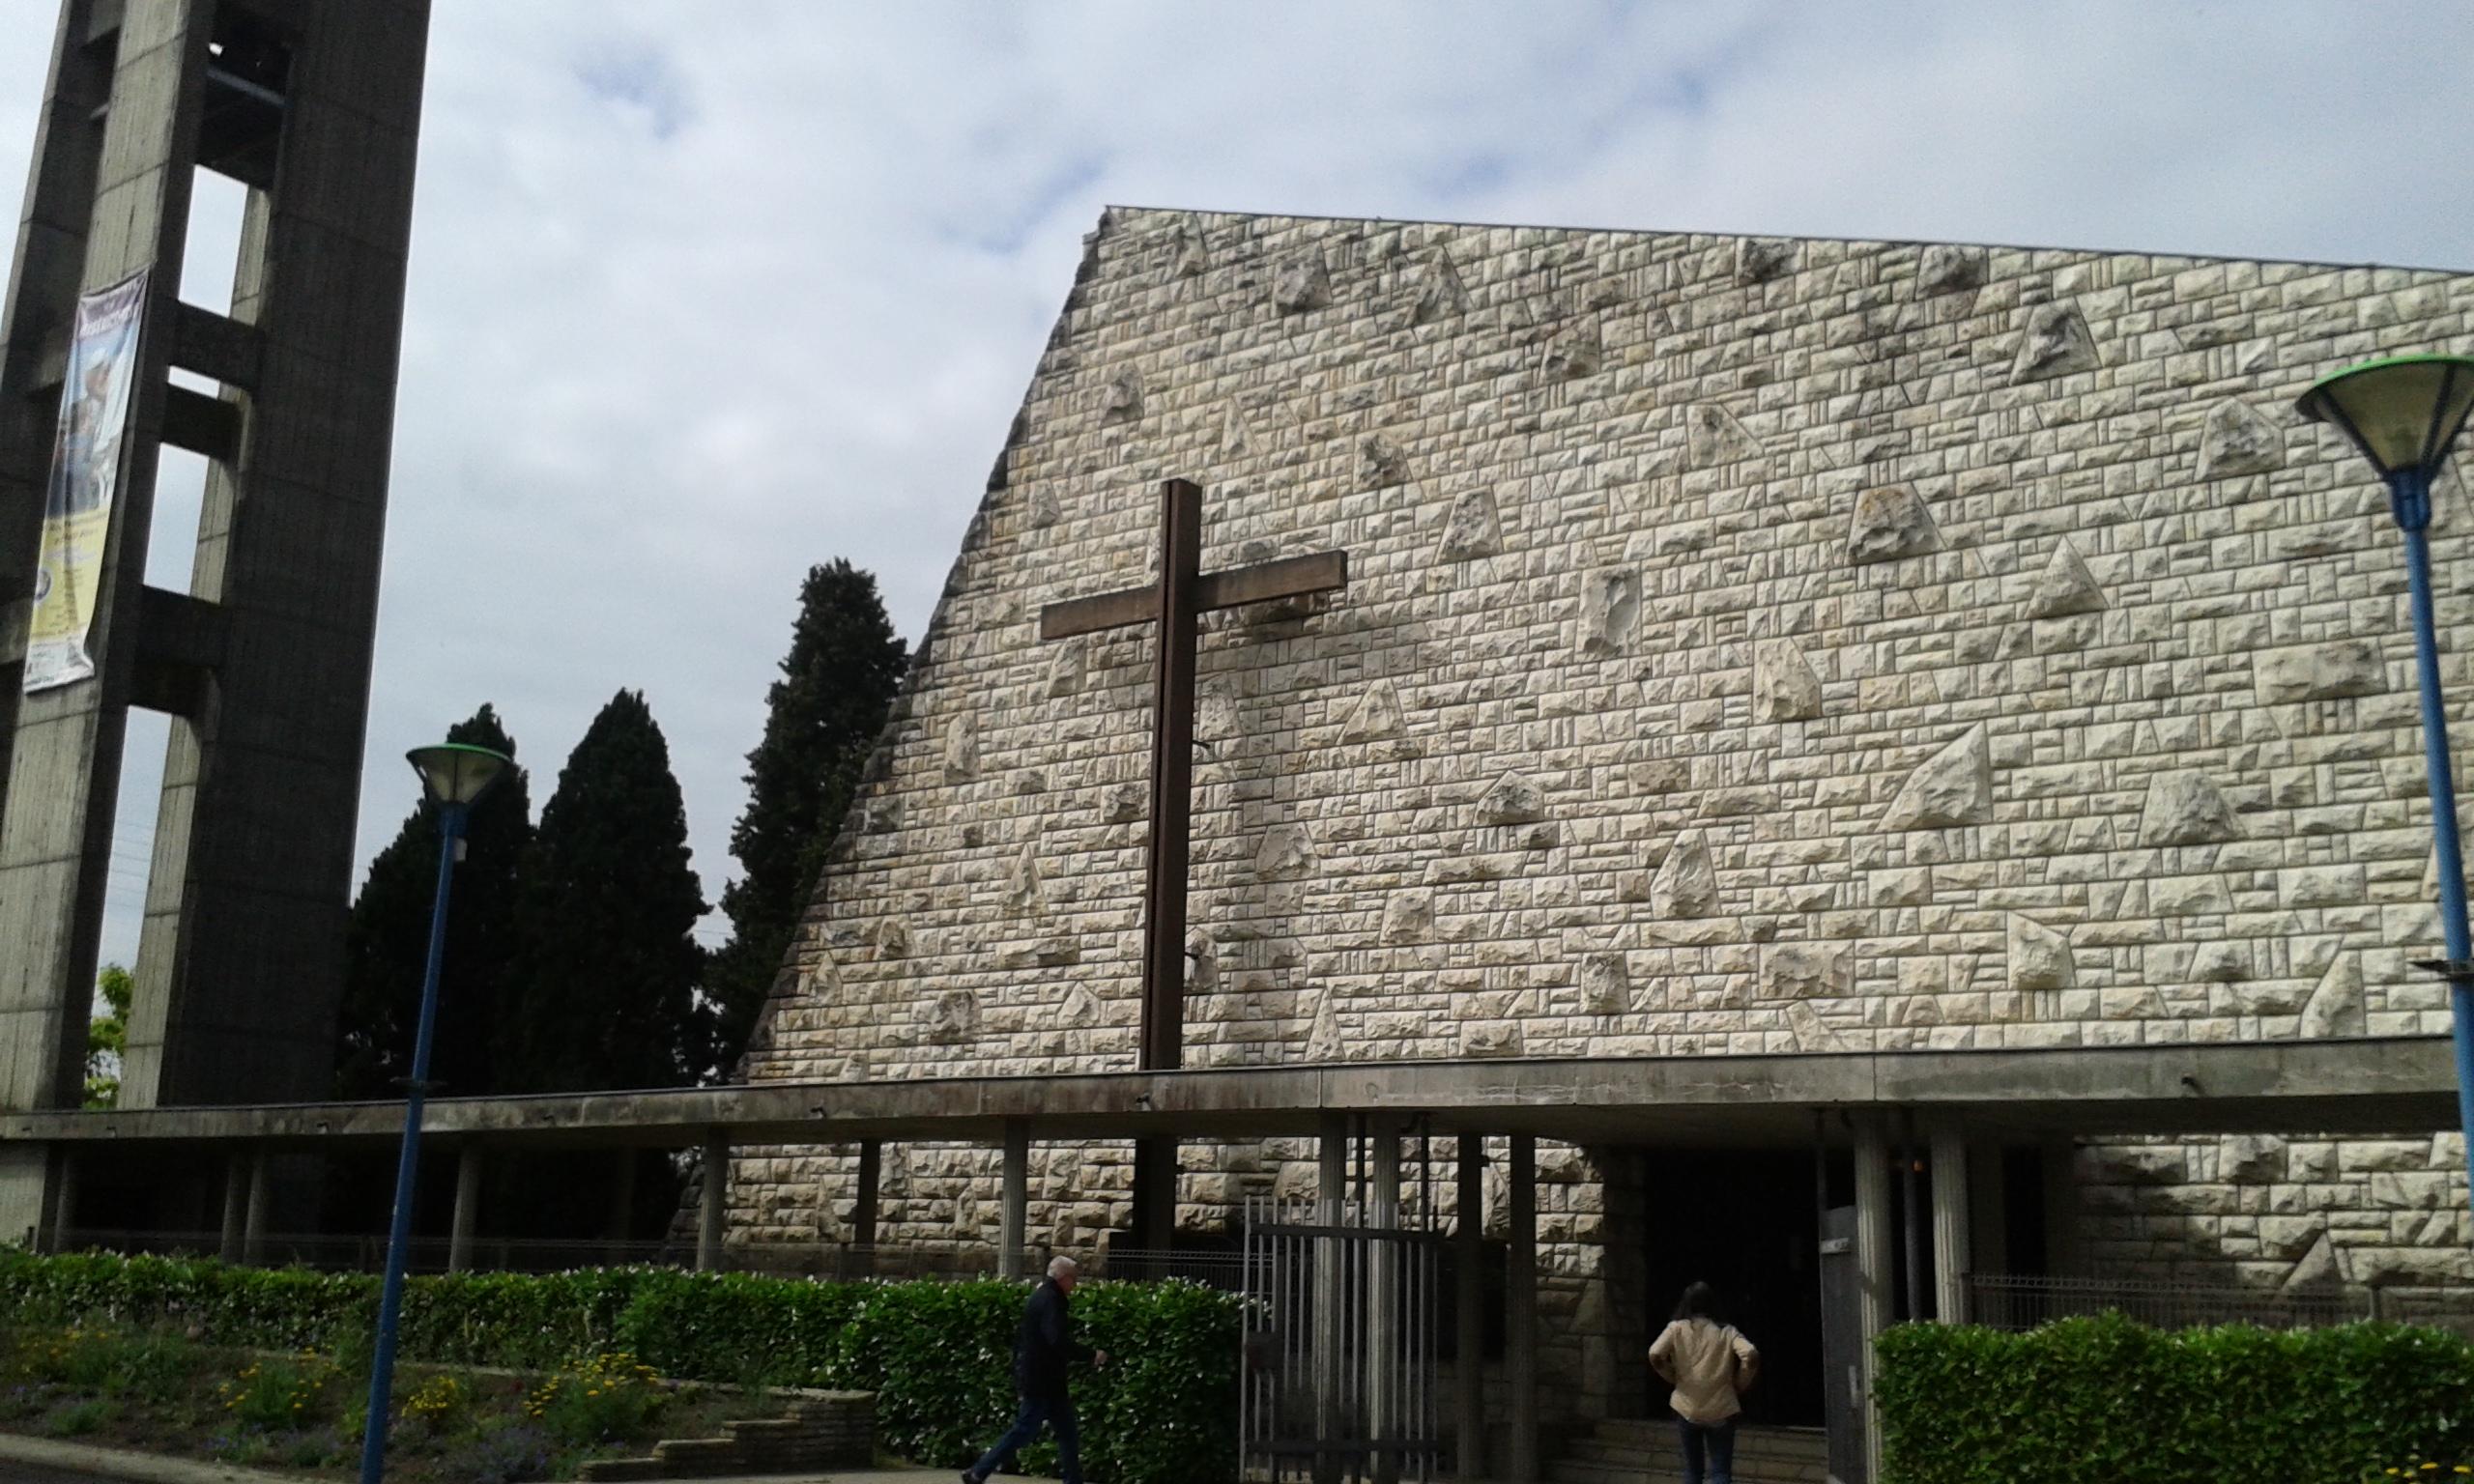 Eglise Sainte-Jehanne de France Le Passage